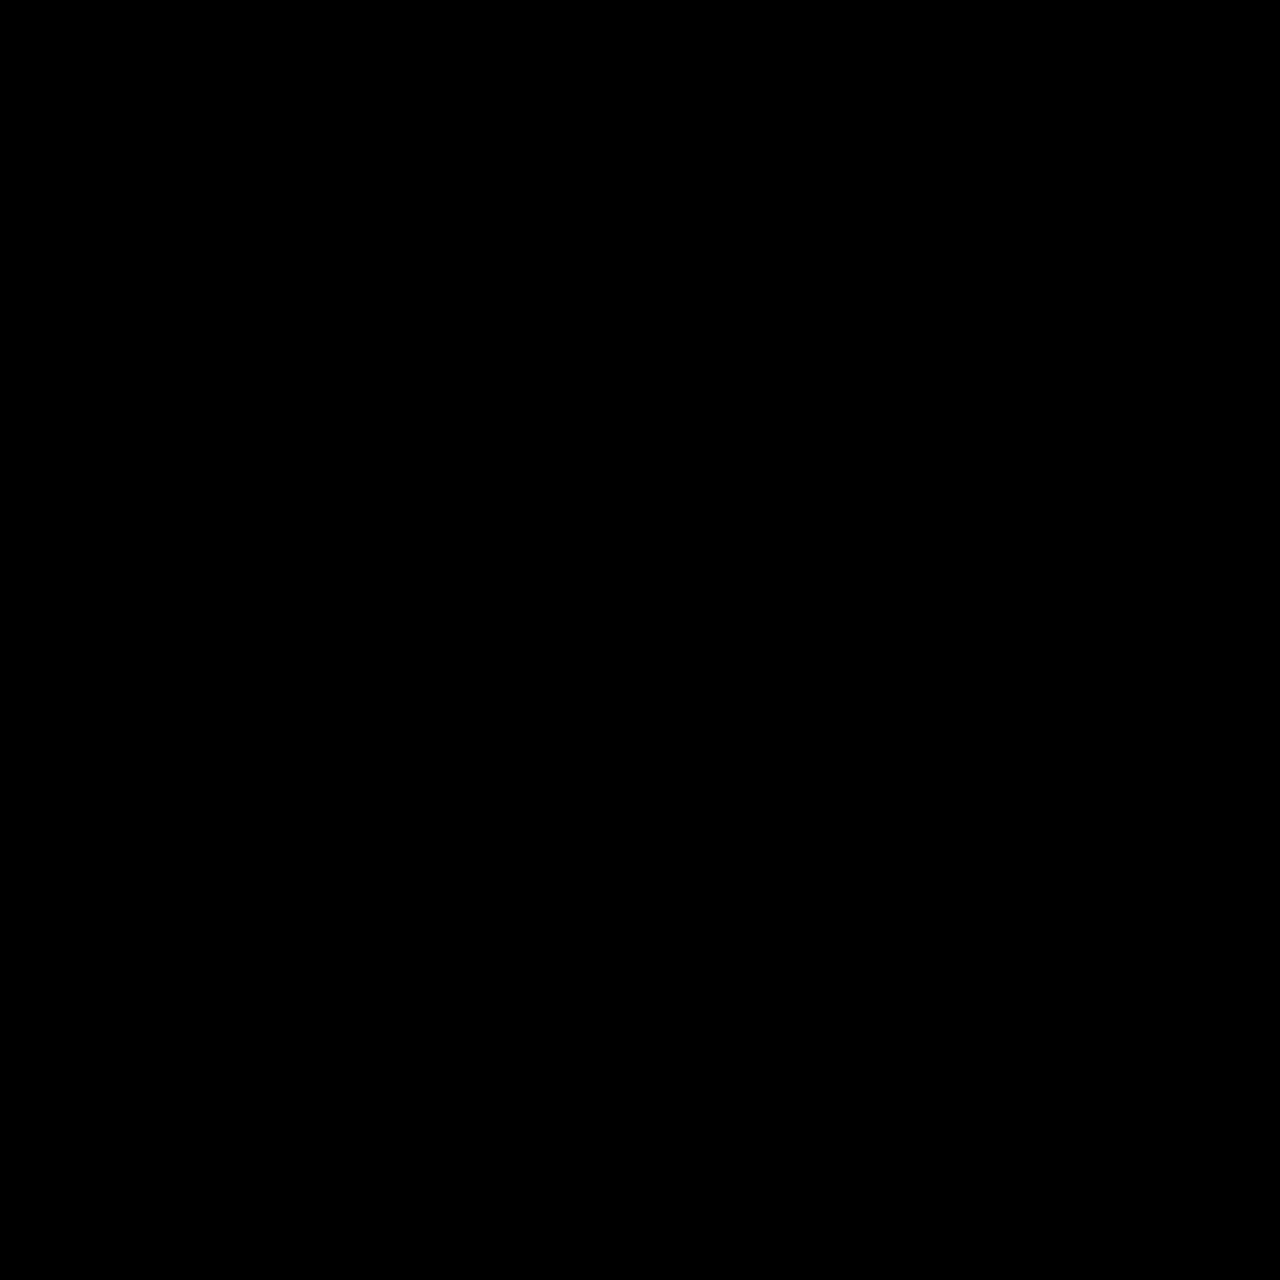 sassyroylaslogo